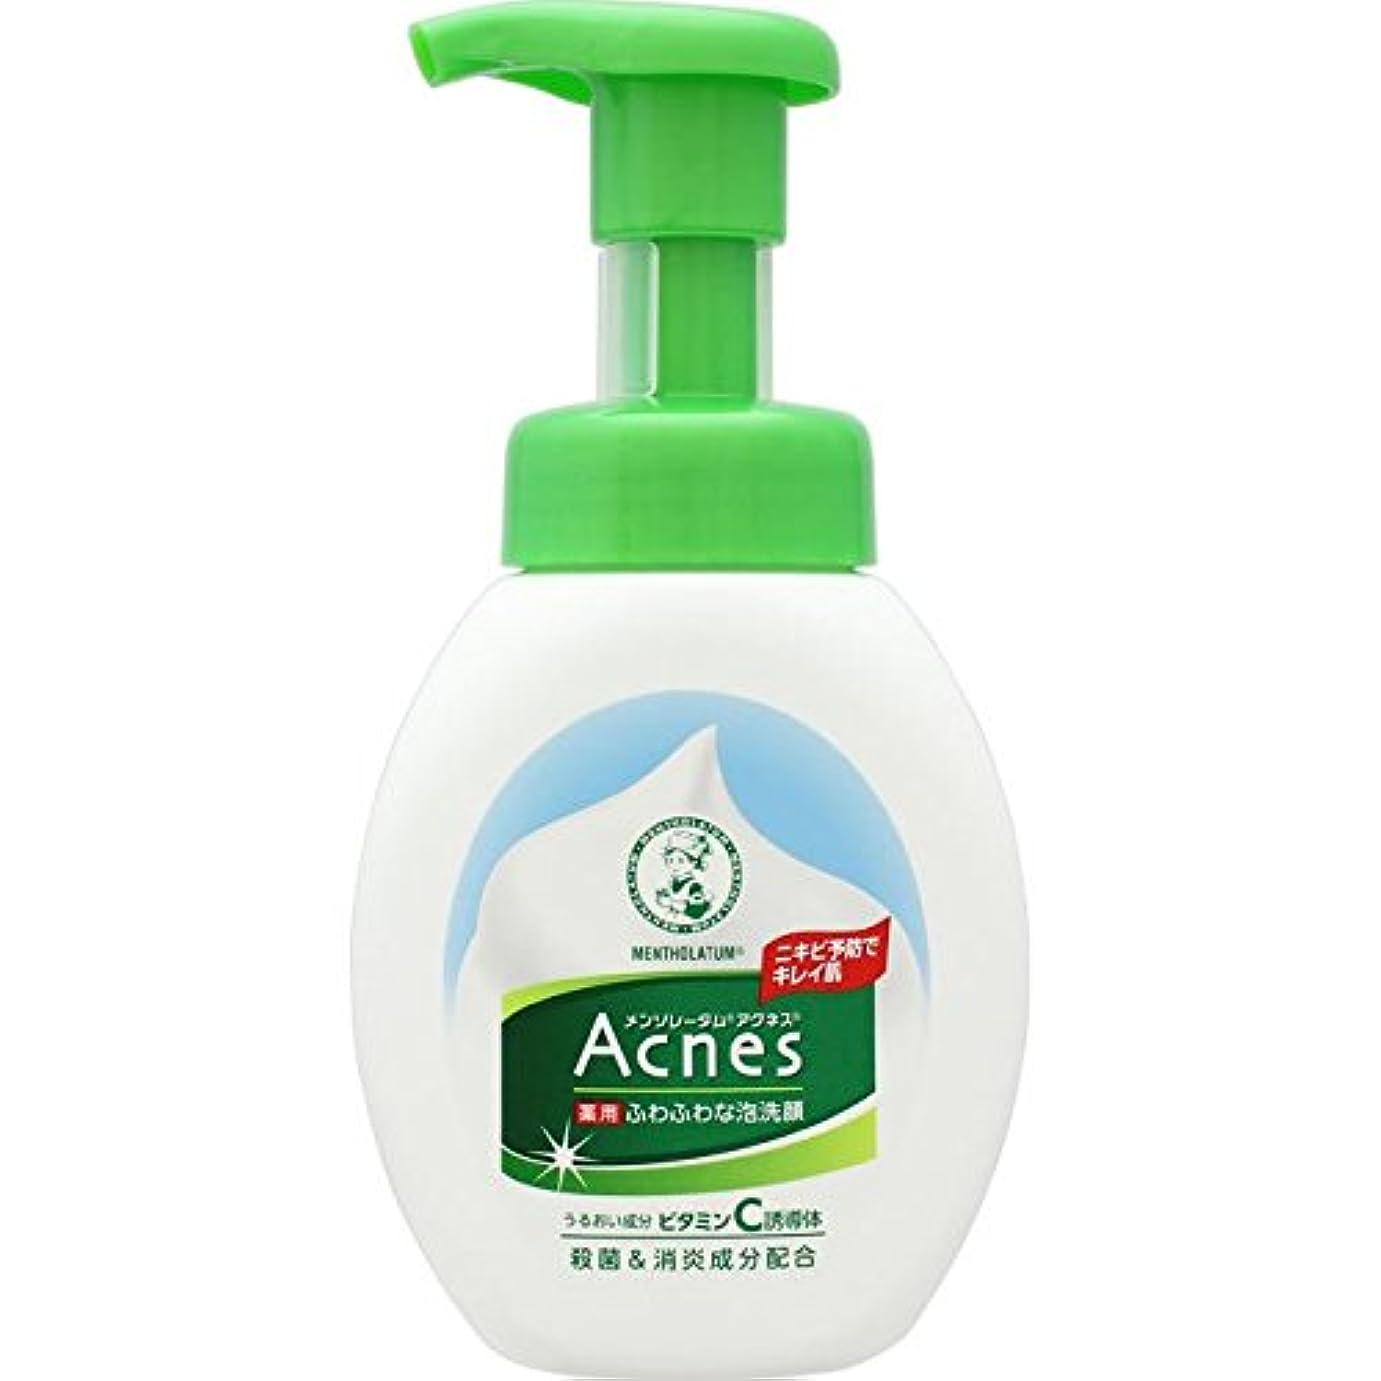 Acnes(アクネス) 薬用ふわふわな泡洗顔 160mL【医薬部外品】